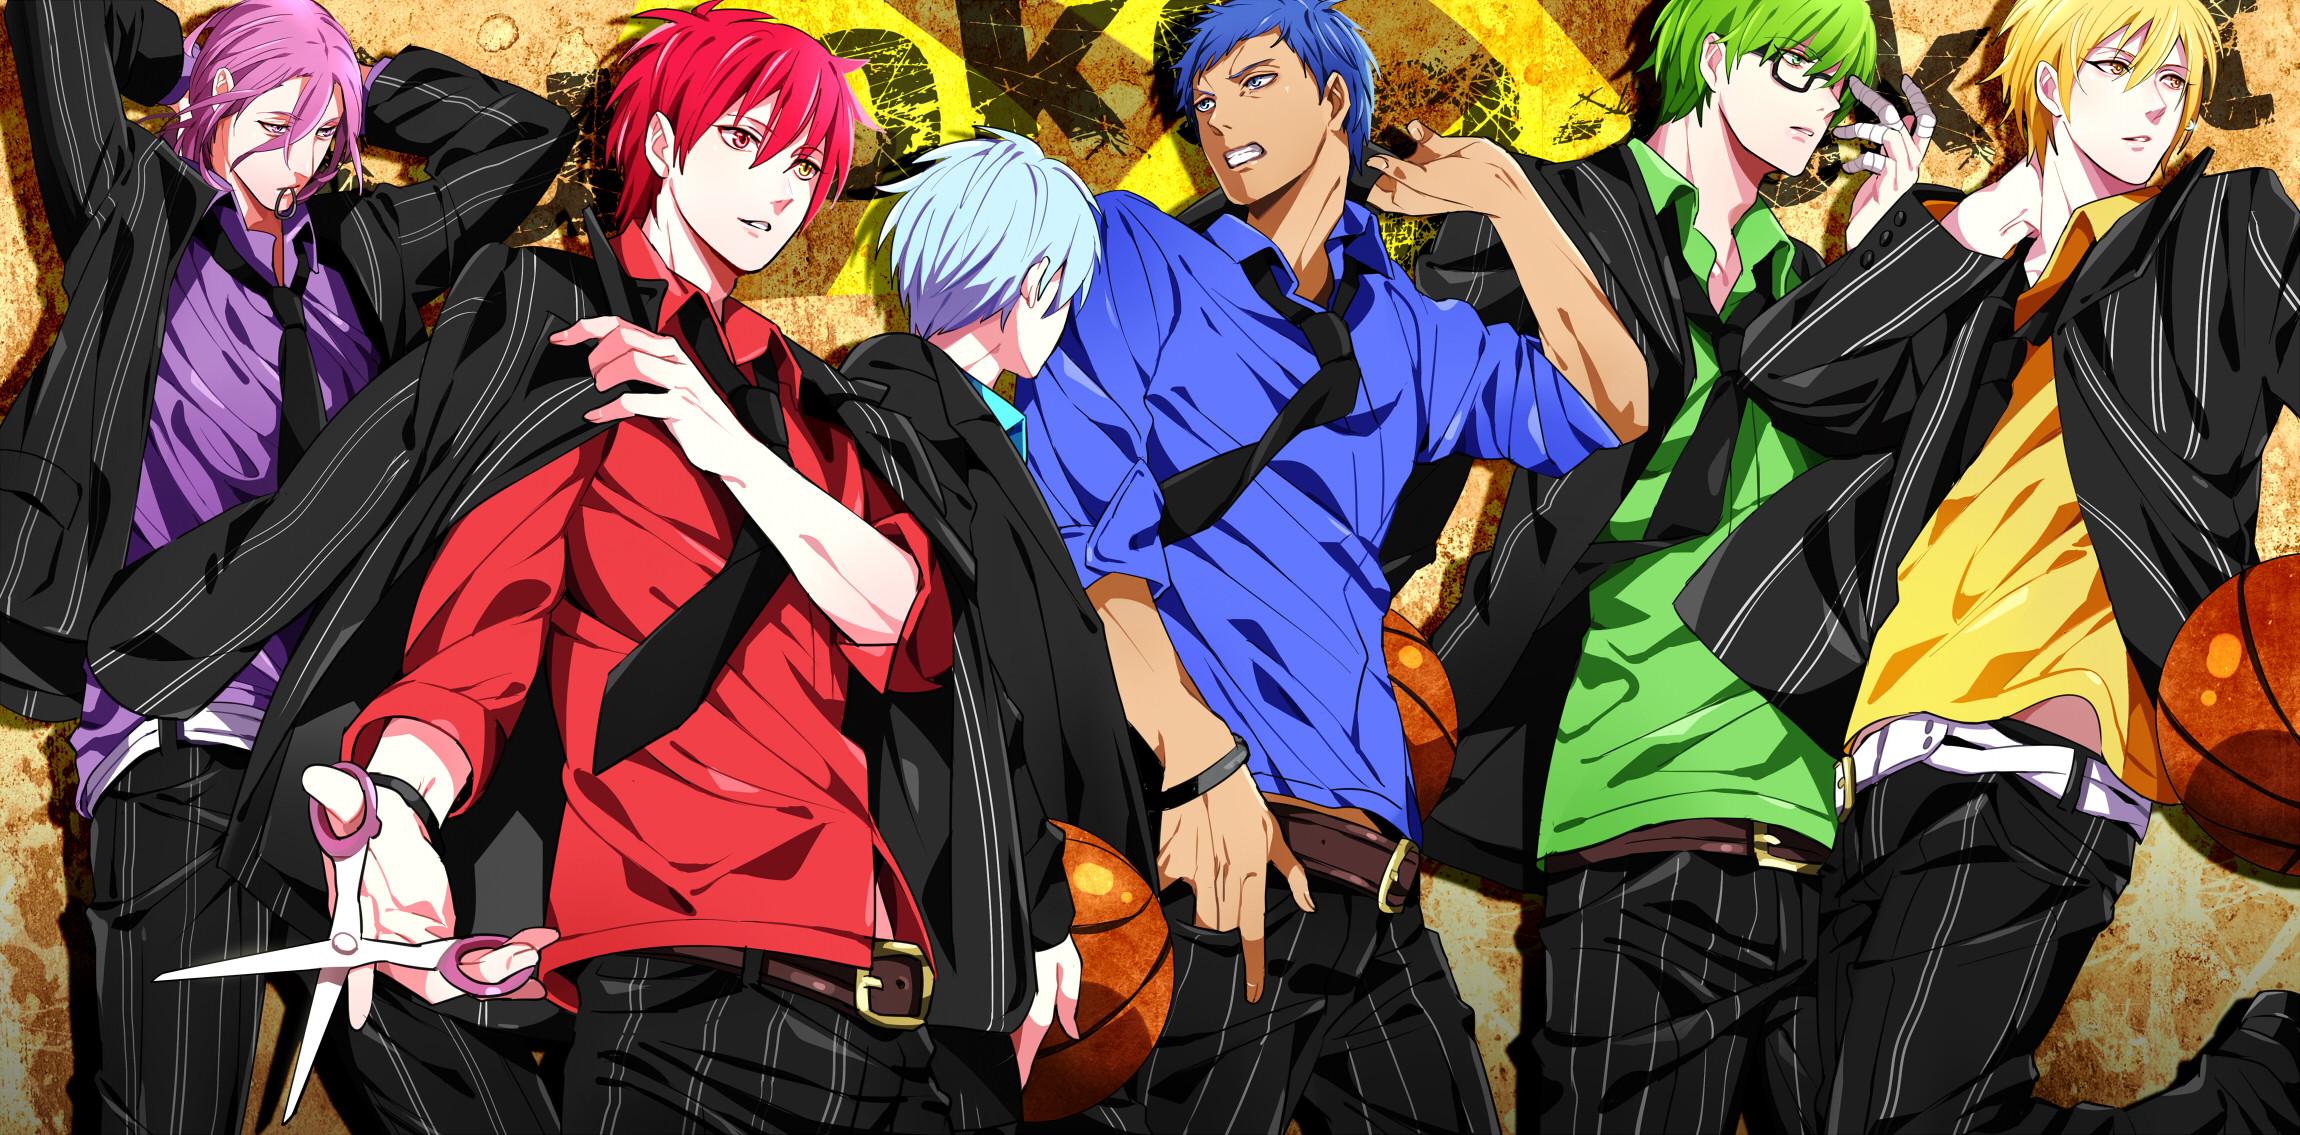 Kuroko's Basketball Manga 29 Free Hd Wallpaper. Kuroko's Basketball Manga  29 Free Hd Wallpaper